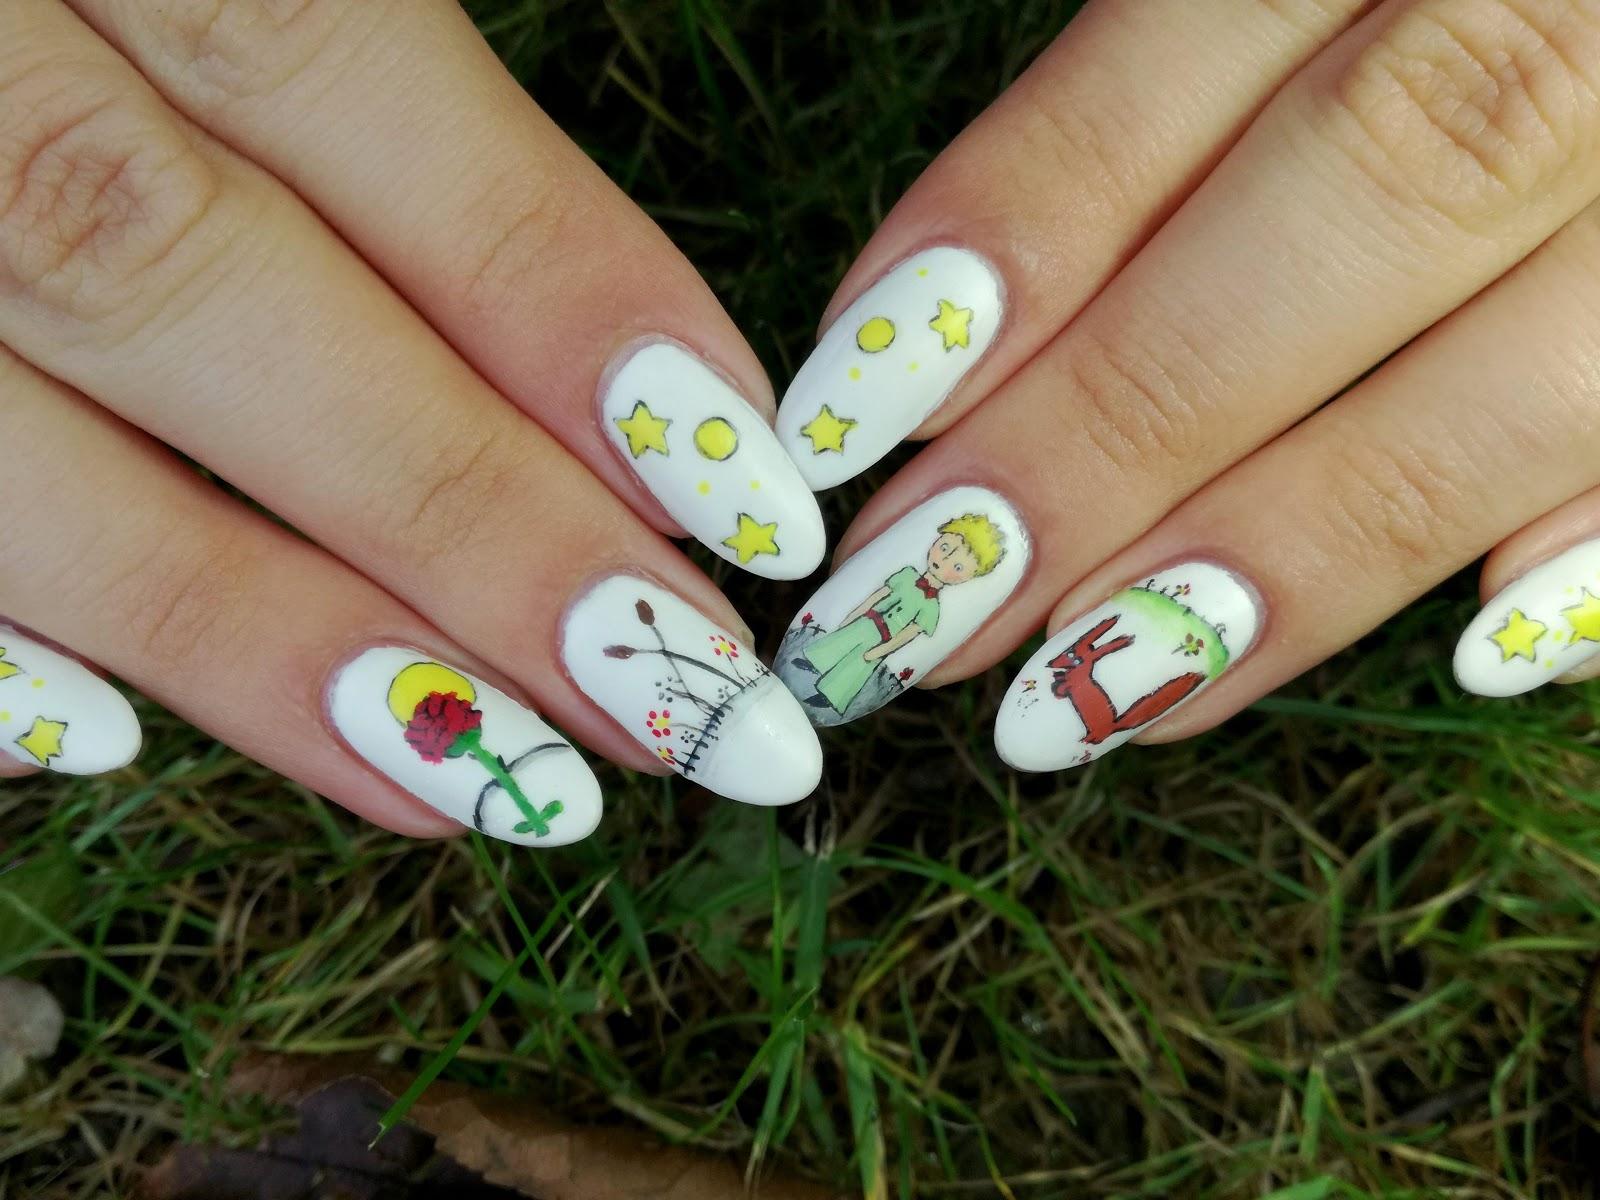 zdobienie paznokci z Małym Księciem